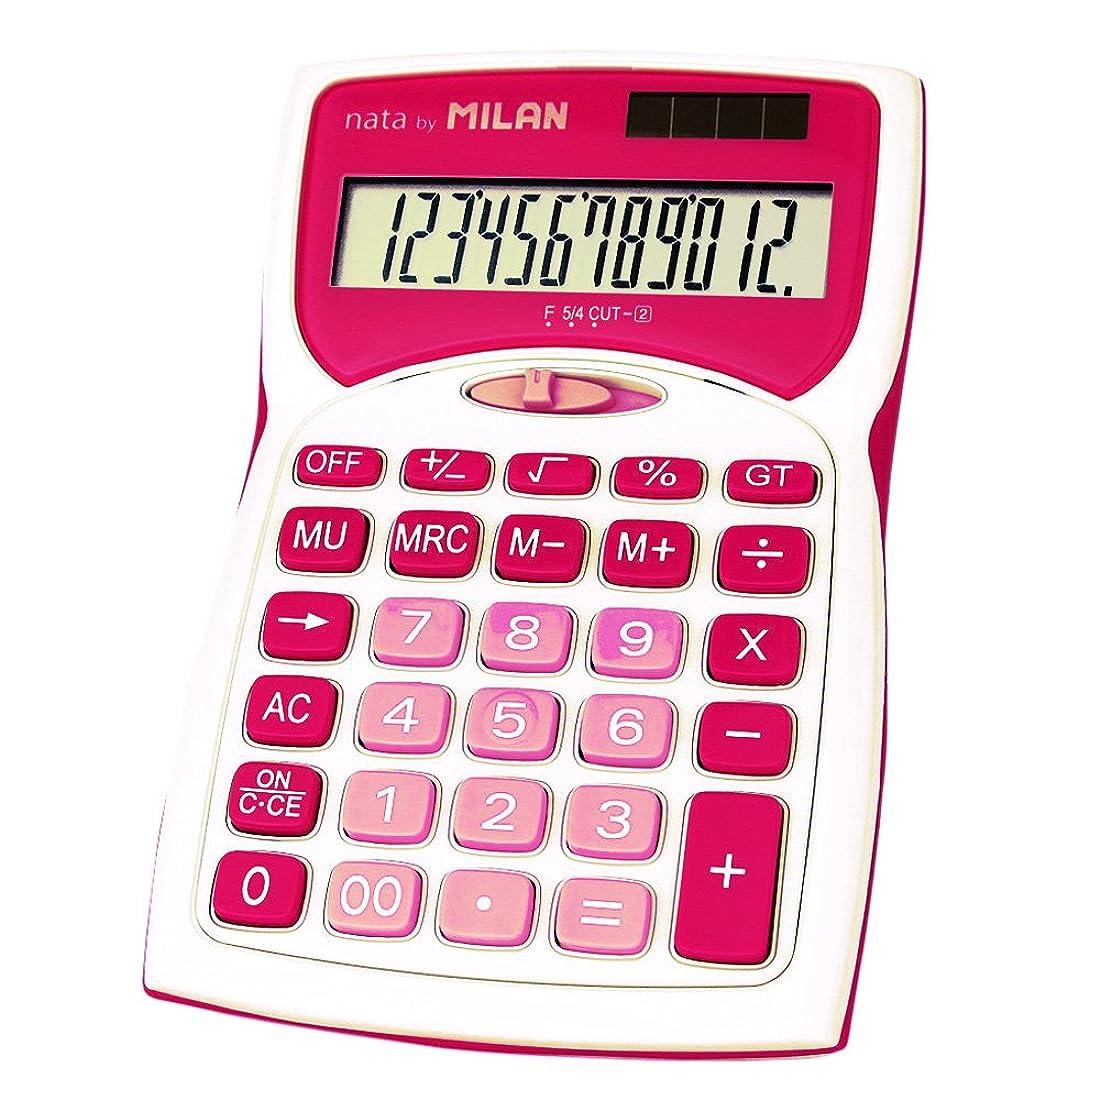 難民マリナー取り扱いカラーグラフ電卓 Texas Instruments TI-84 Plus C Silver Edition  ■並行輸入品■ (ブラック)